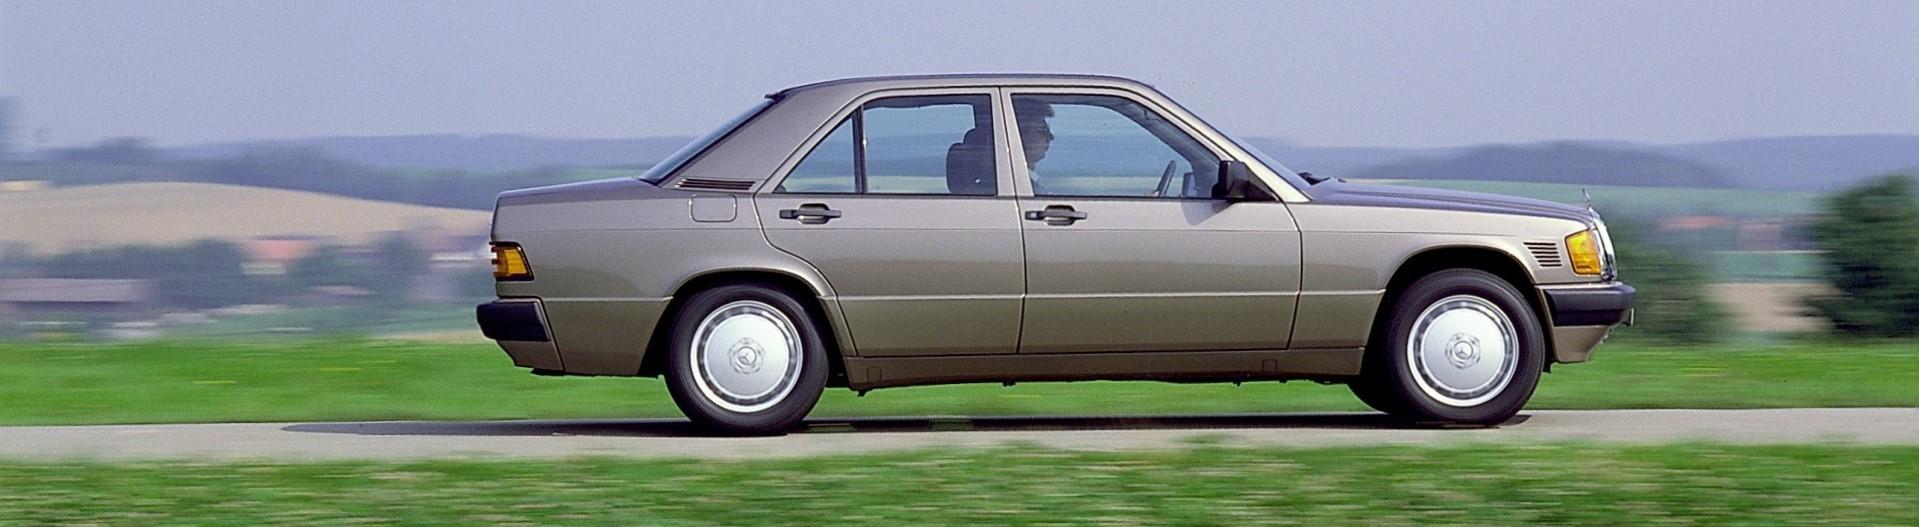 W 201 2.5D Turbo